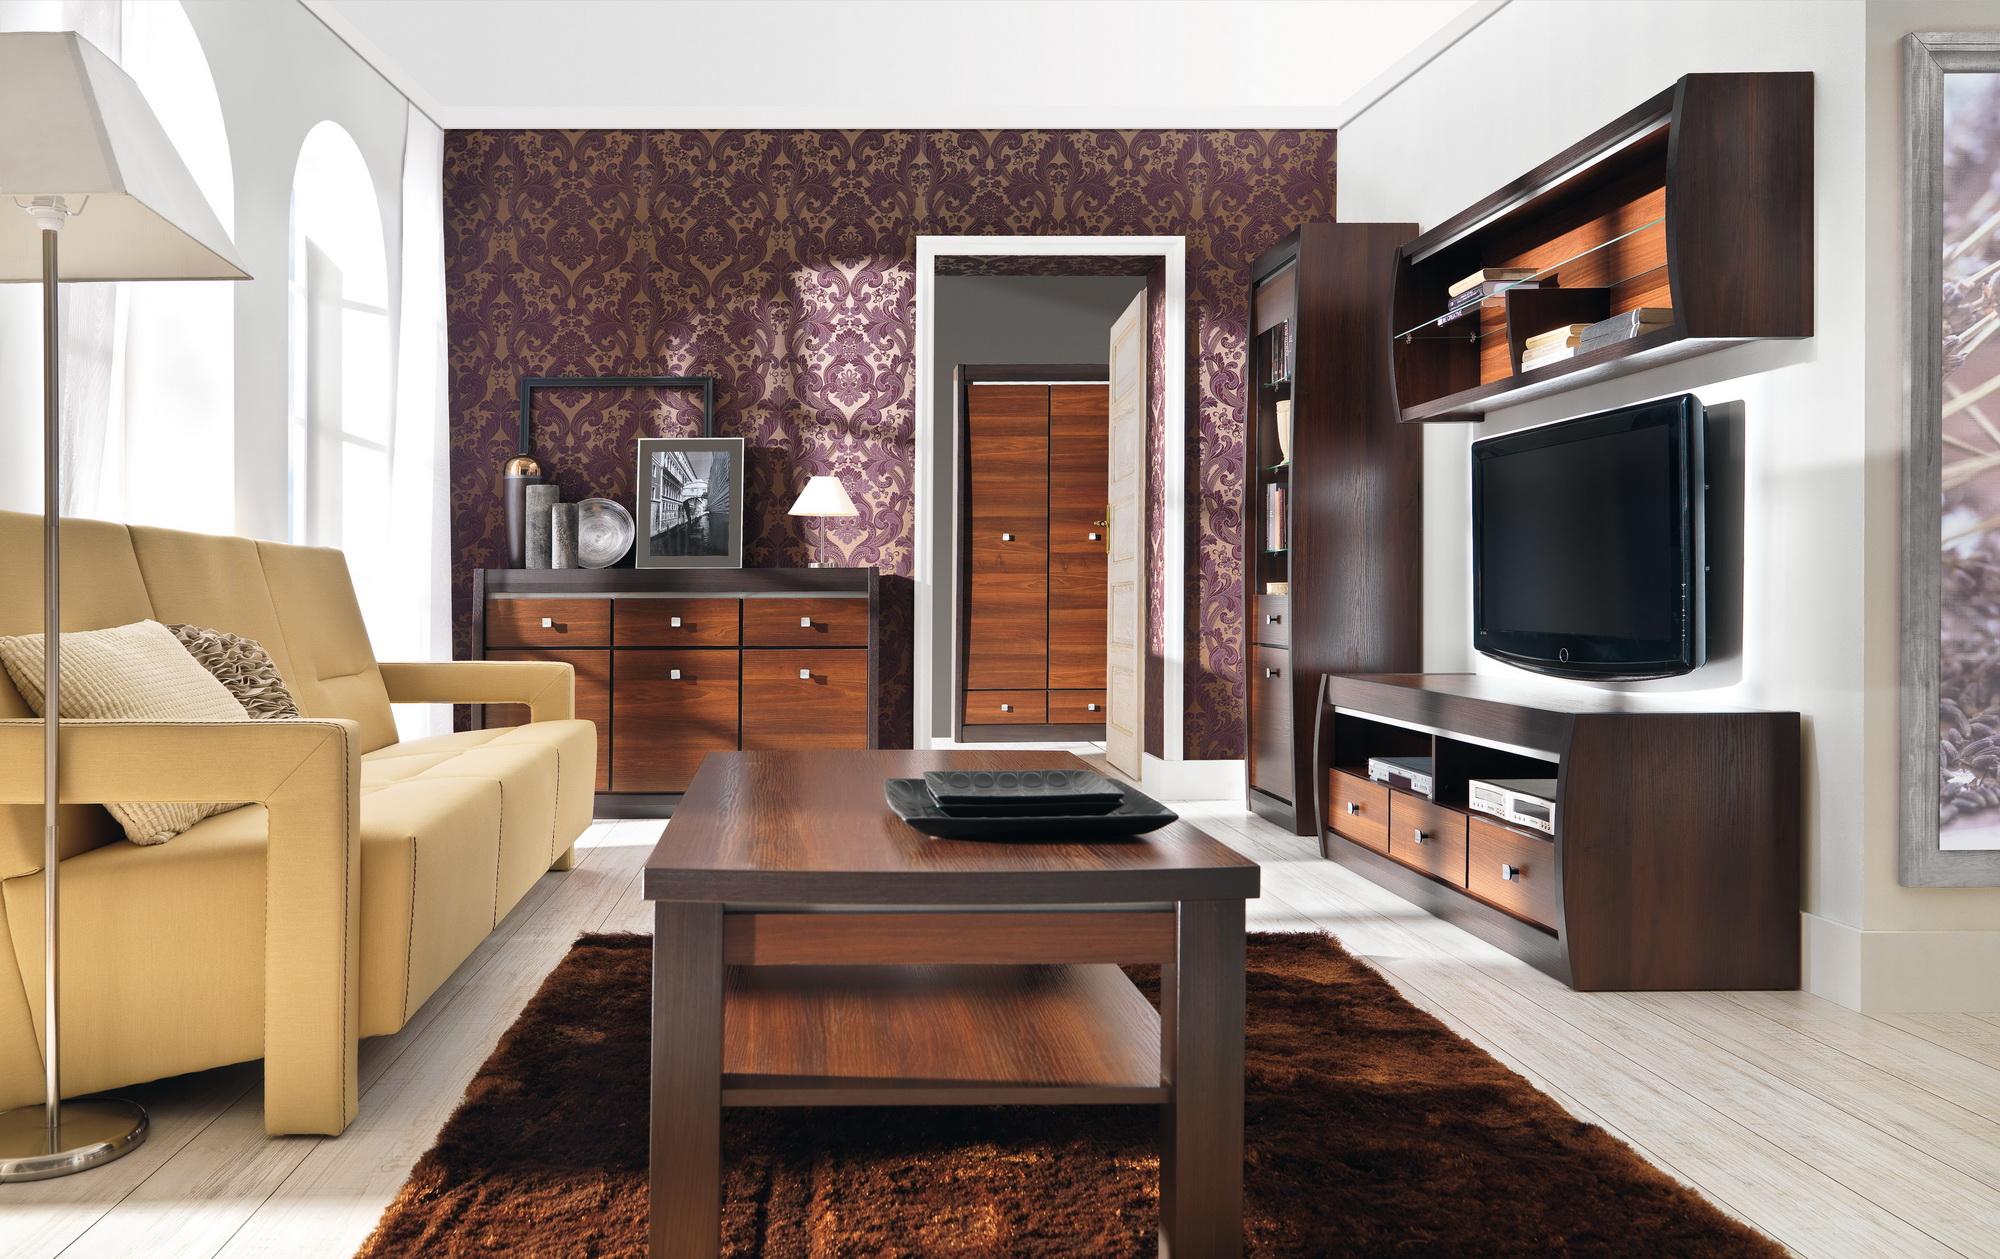 výrazná obývacia miestnosť s tmavým dreveným nábytkom a stenou s výrazným vzorom